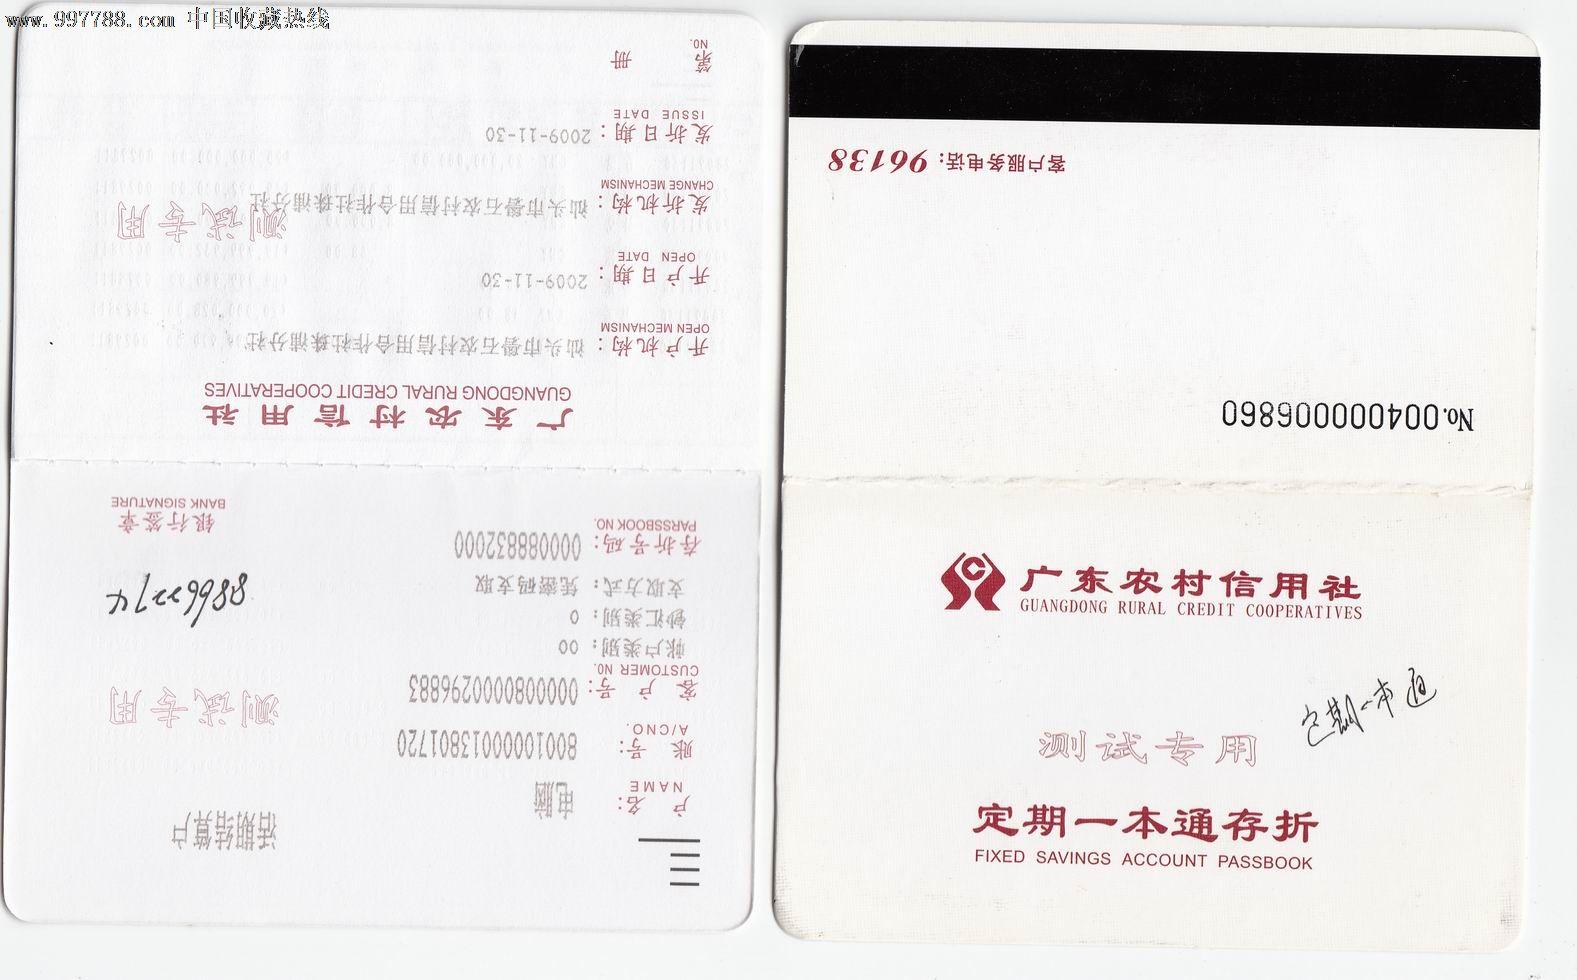 广东农村信用社---定期一本通存折--测试专用